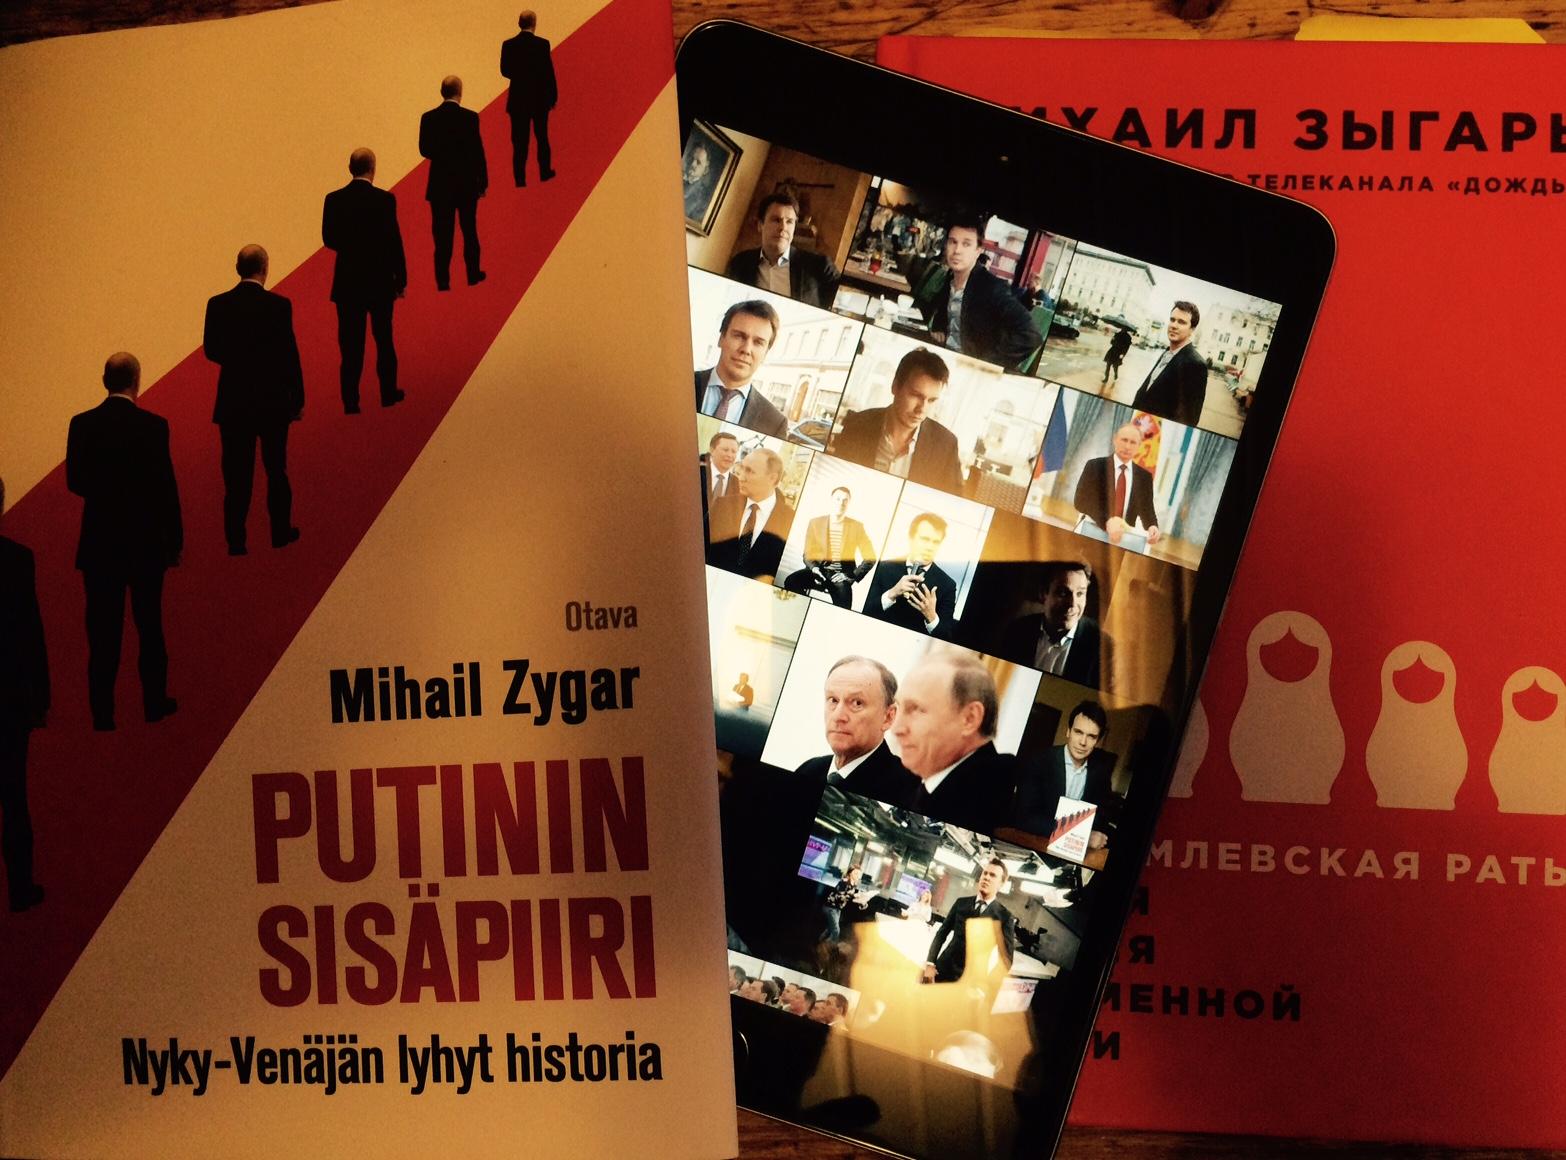 zygar_plus